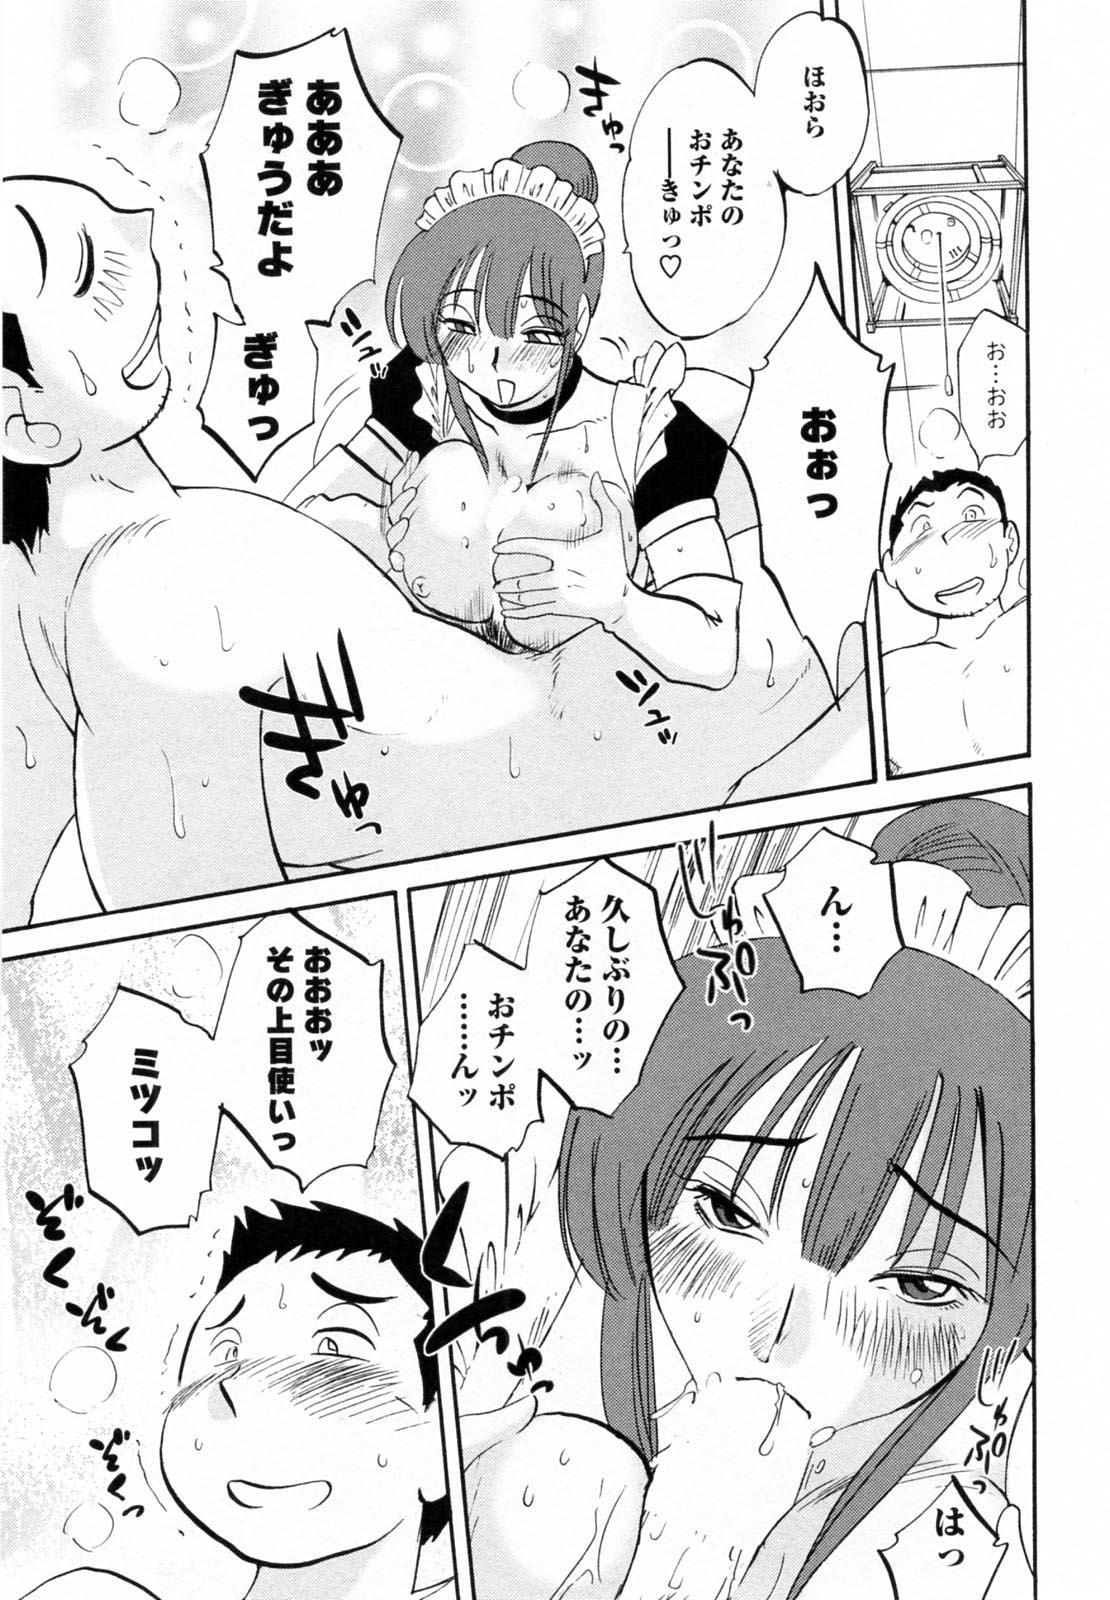 Maid no Mitsukosan Vol.1 142